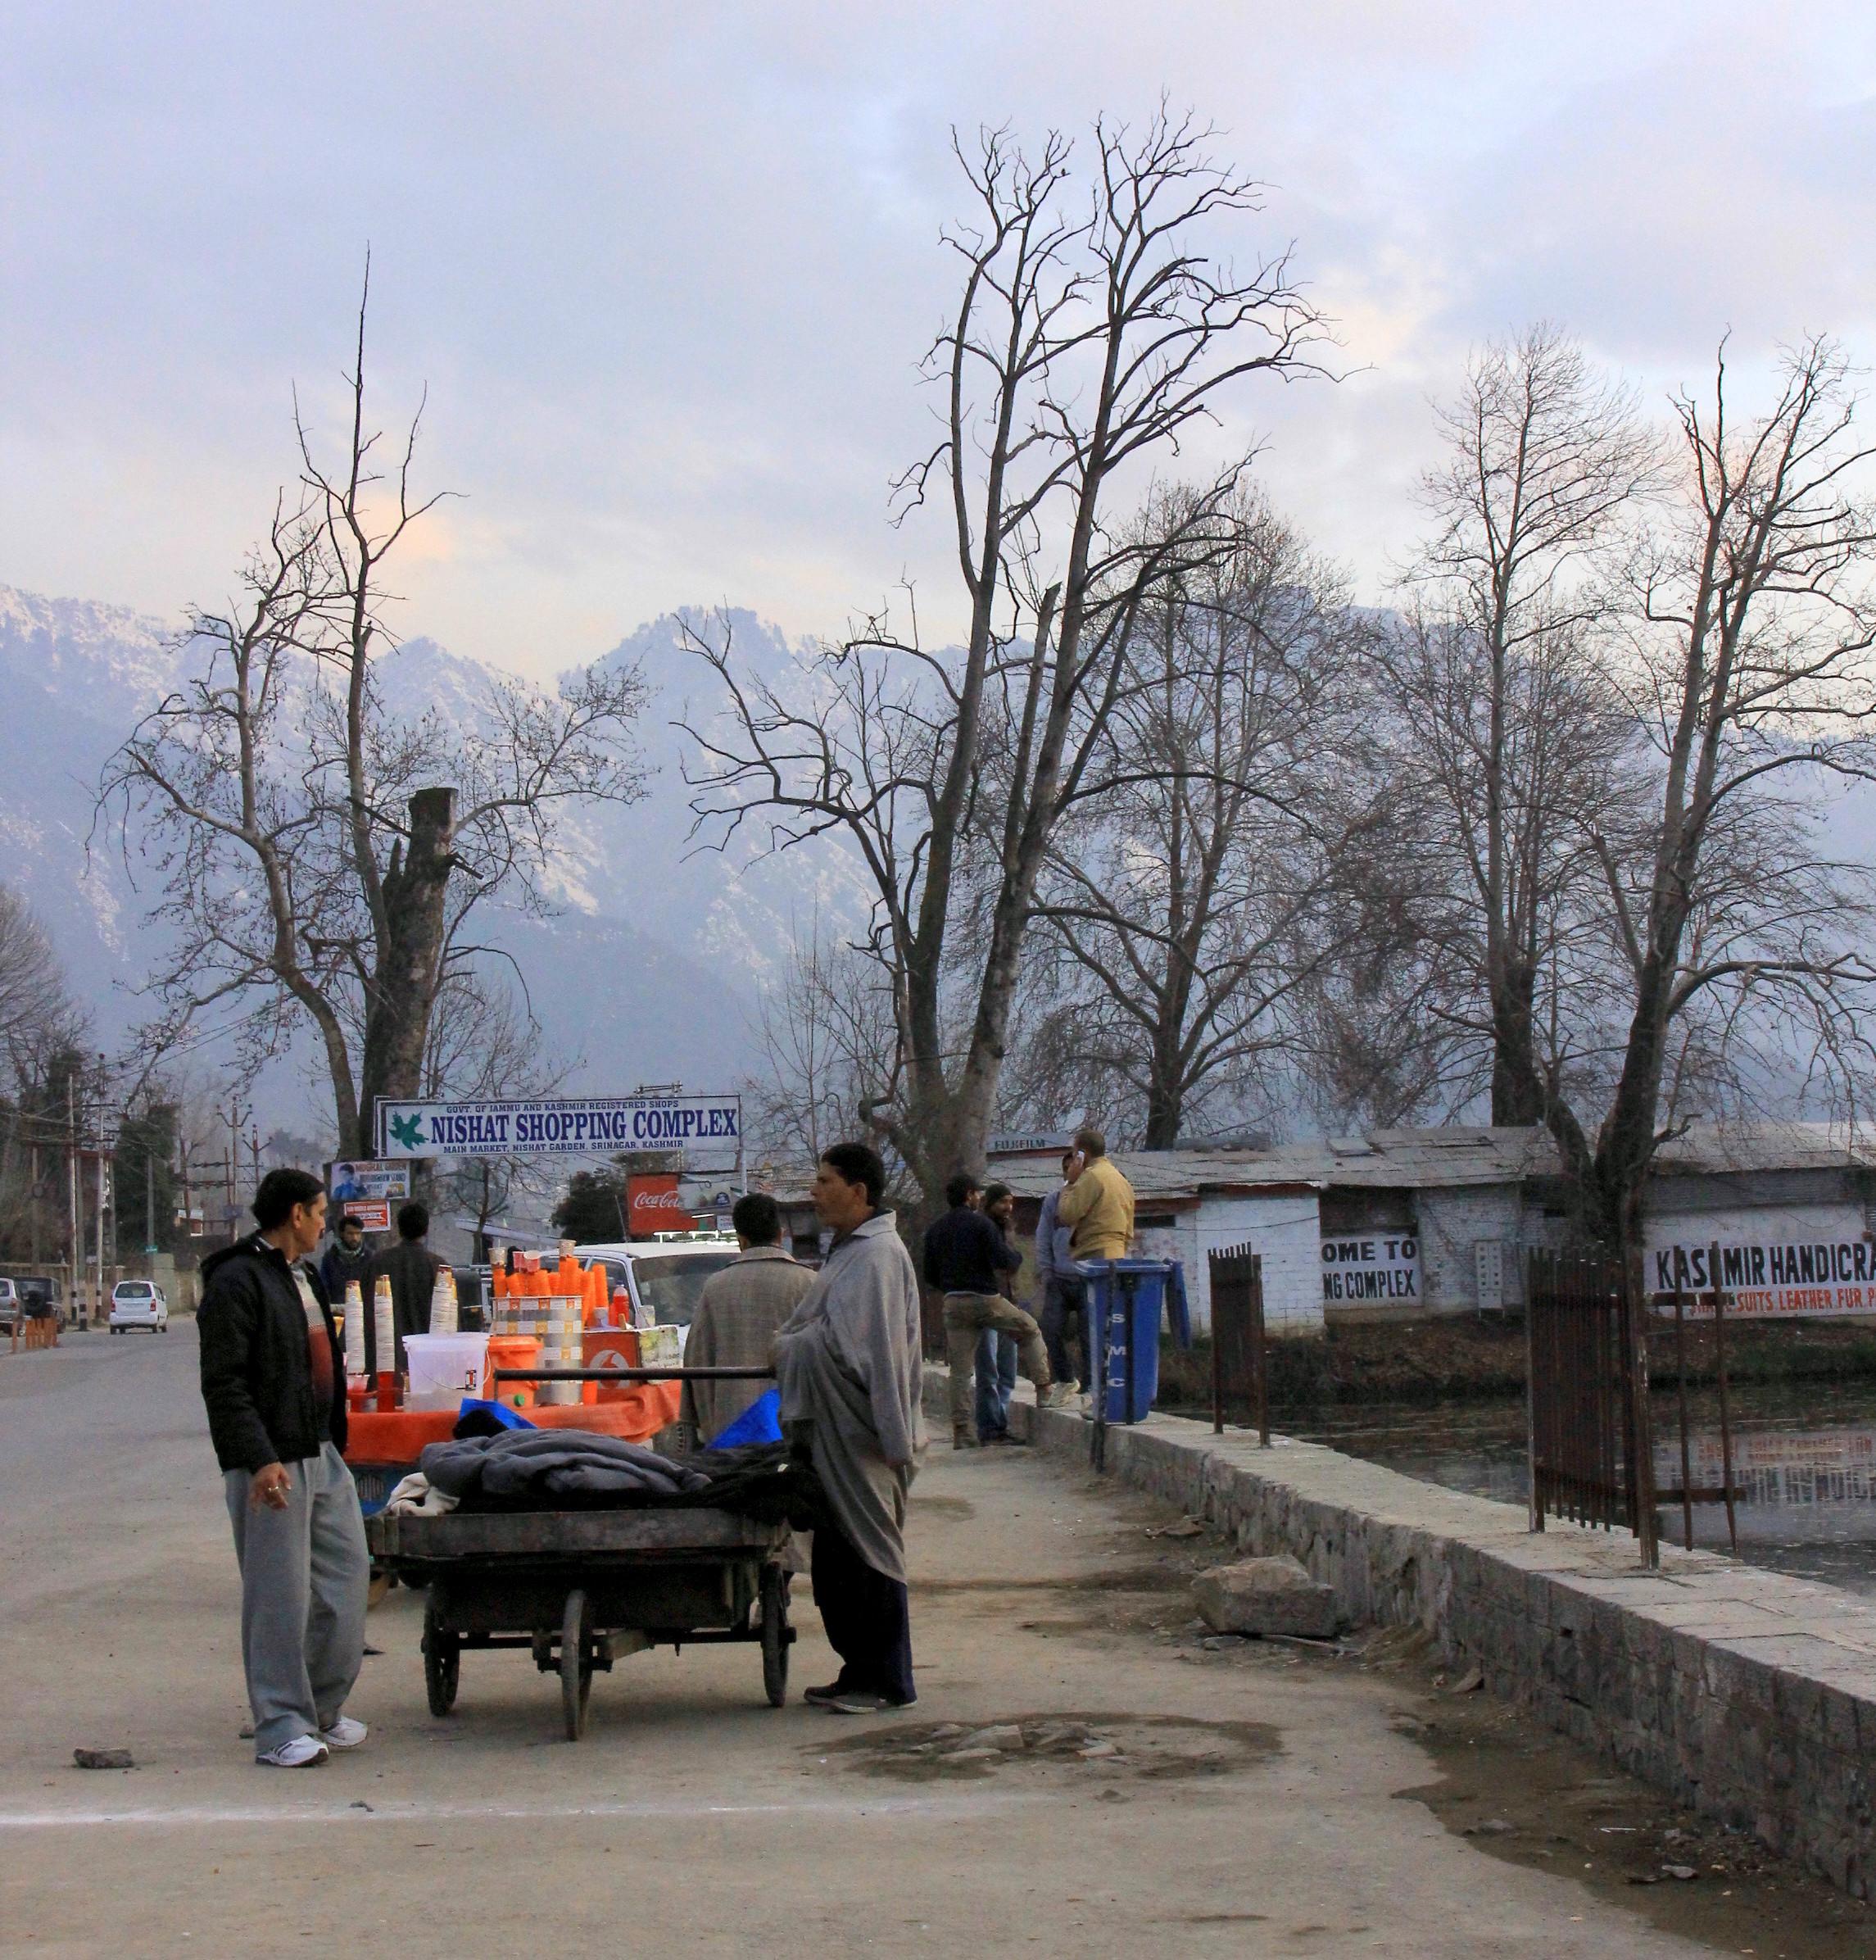 A scene from Kashmir in winter